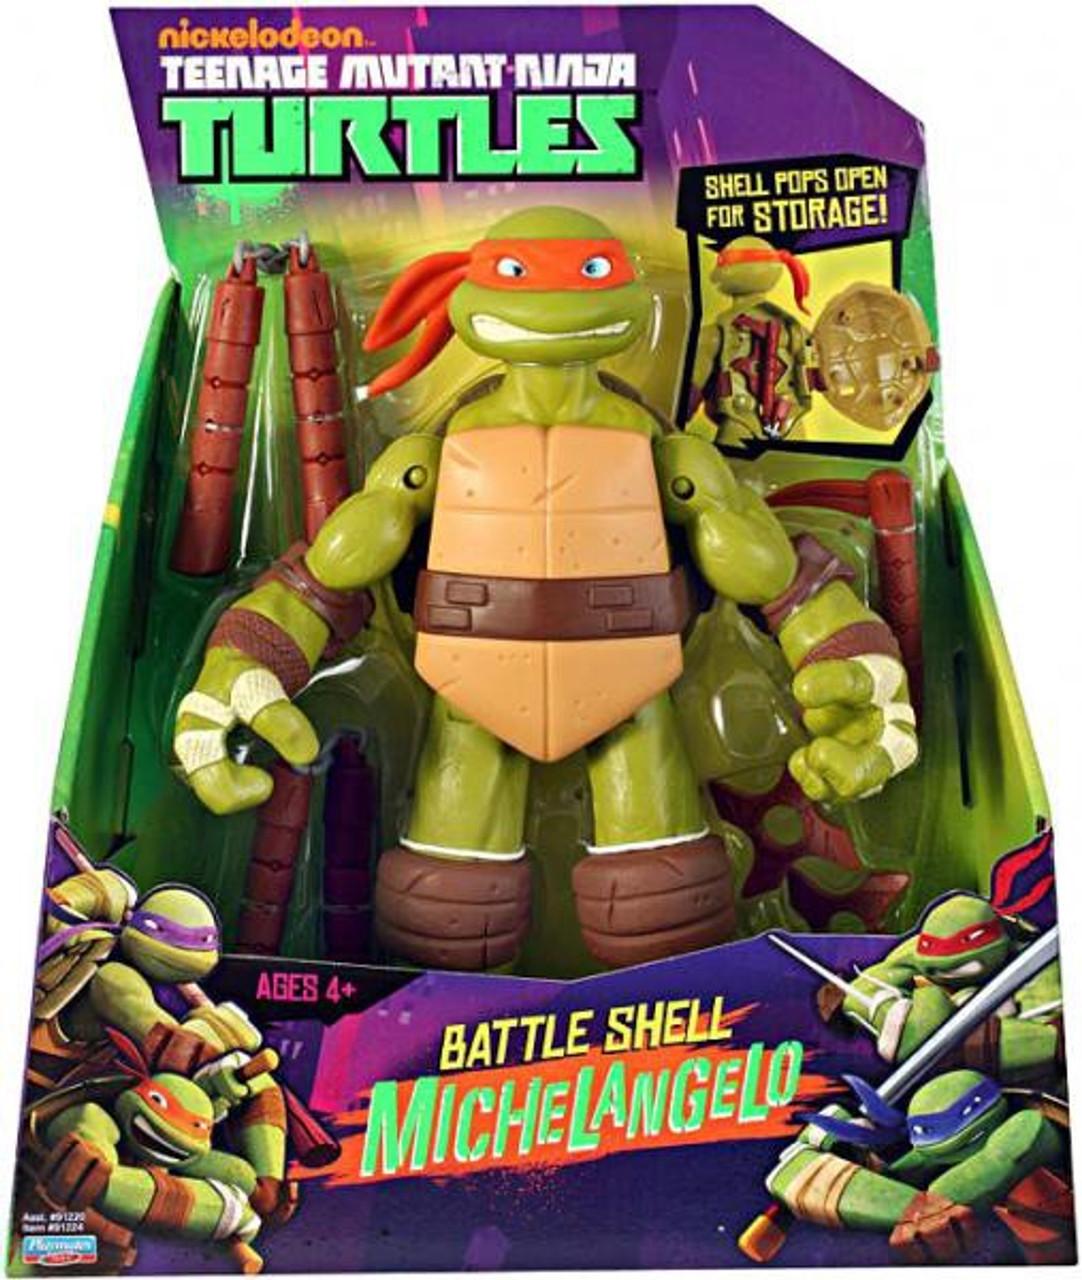 103 Best tnmt images | Ninja turtles, Teenage mutant ninja turtles, Ninja  turtles art | 1280x1082